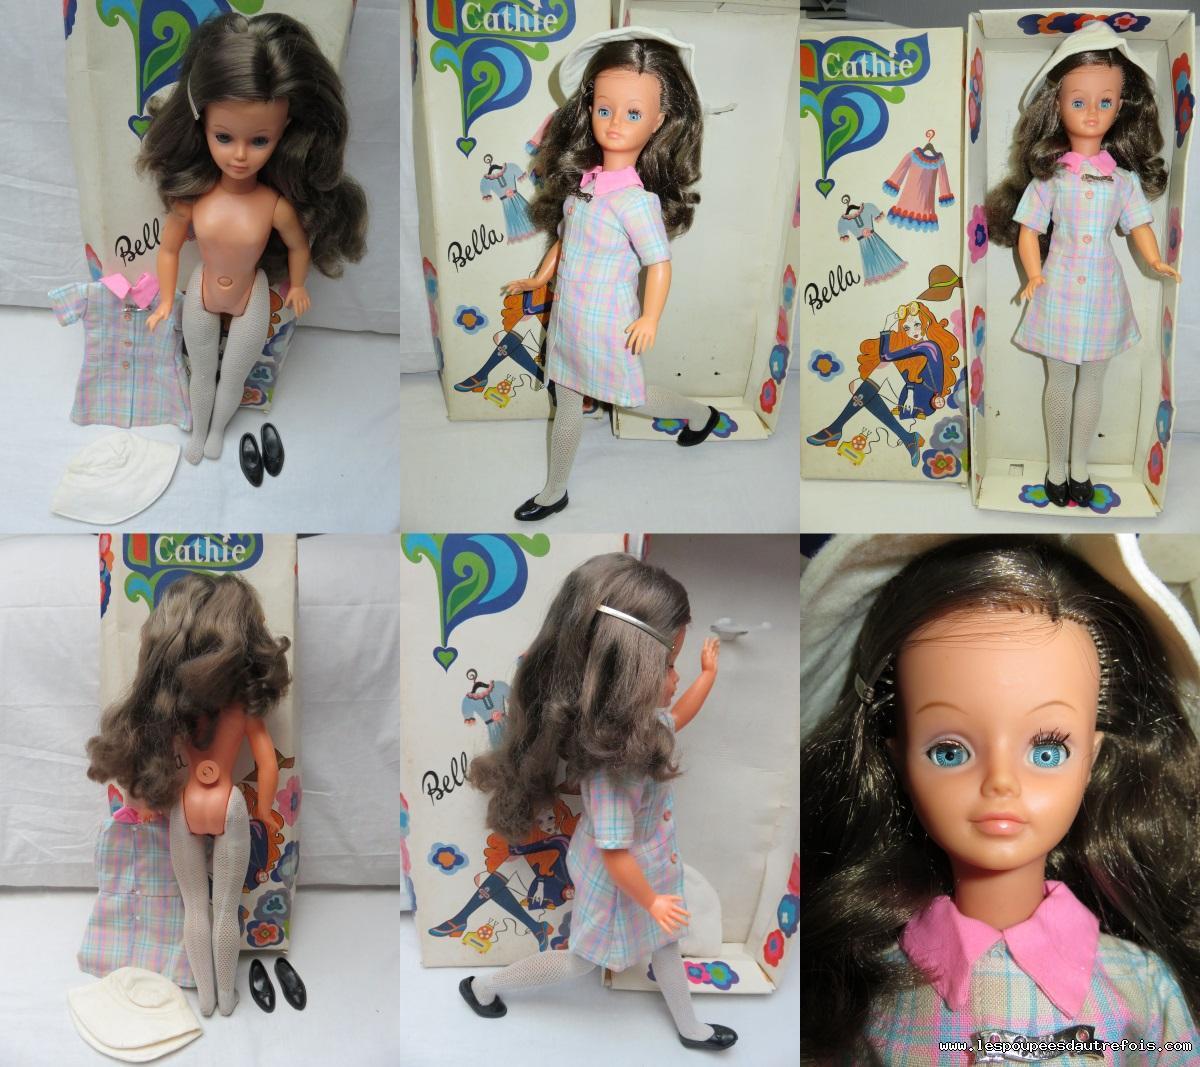 Poupées Poupées, Vêtements, Access. PoupÉe Mannequin Tressy Bella Blonde Yeux Bleus En BoÎte